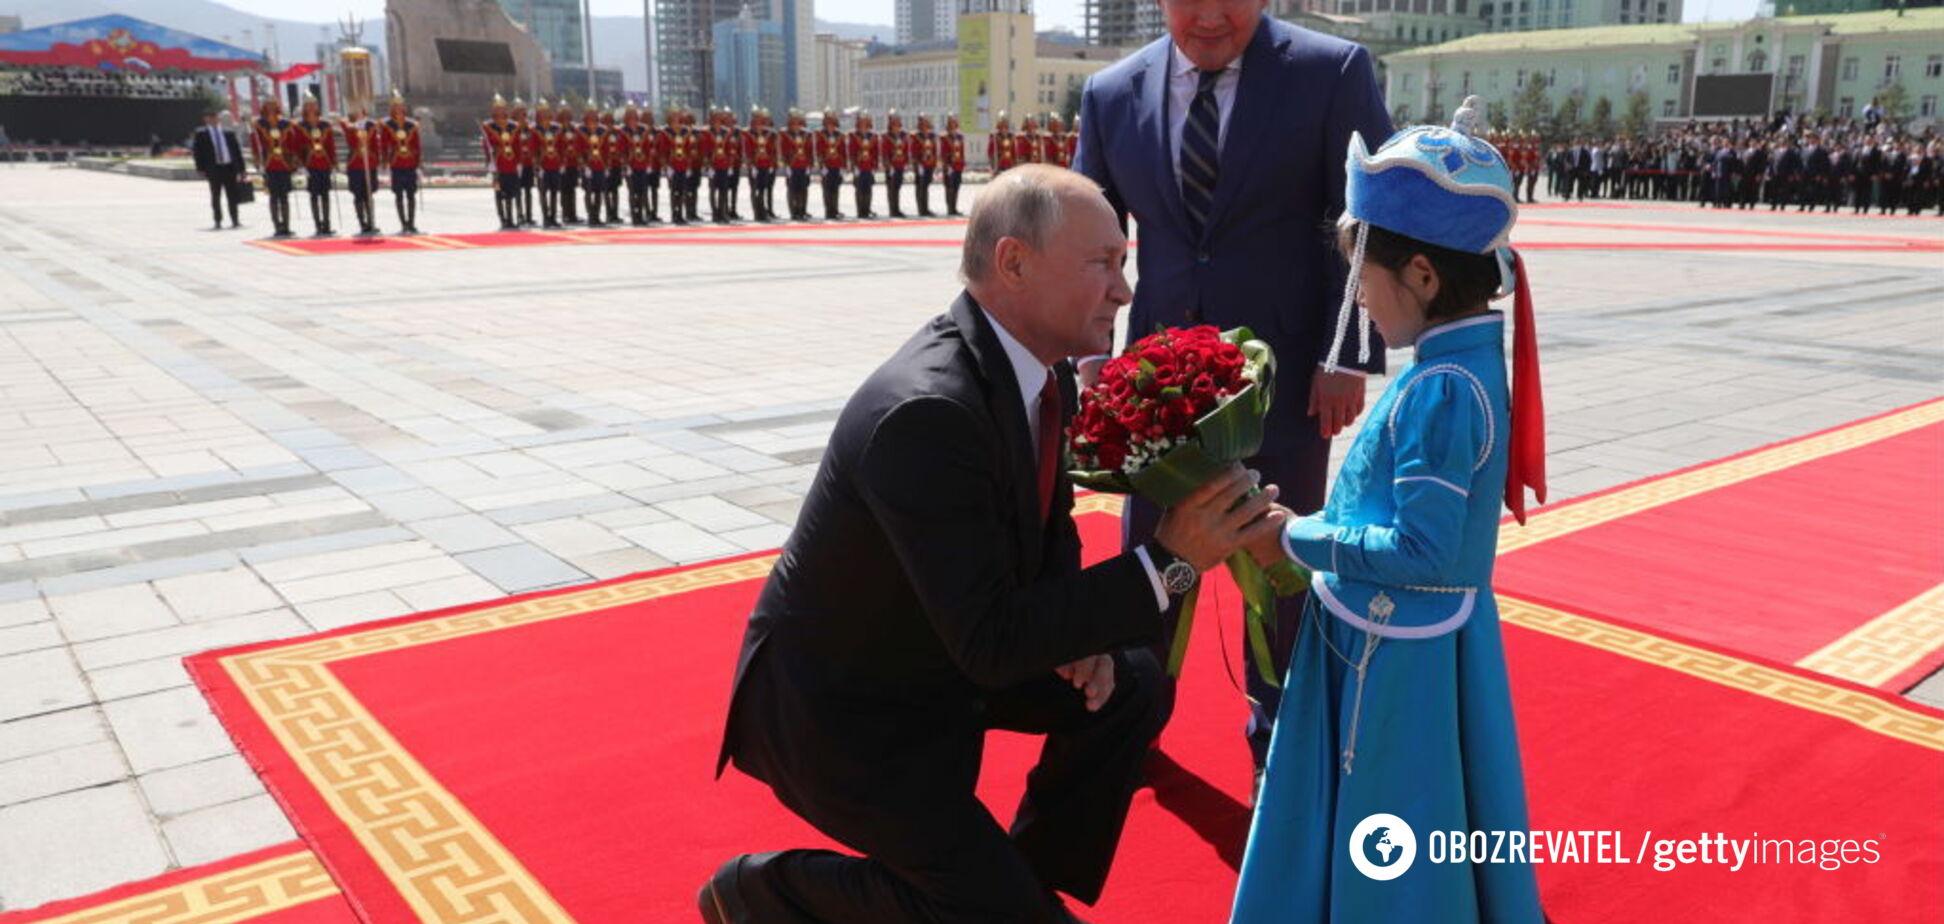 'Про онуків мріє': Путіна знову застали за поцілунком з дитиною